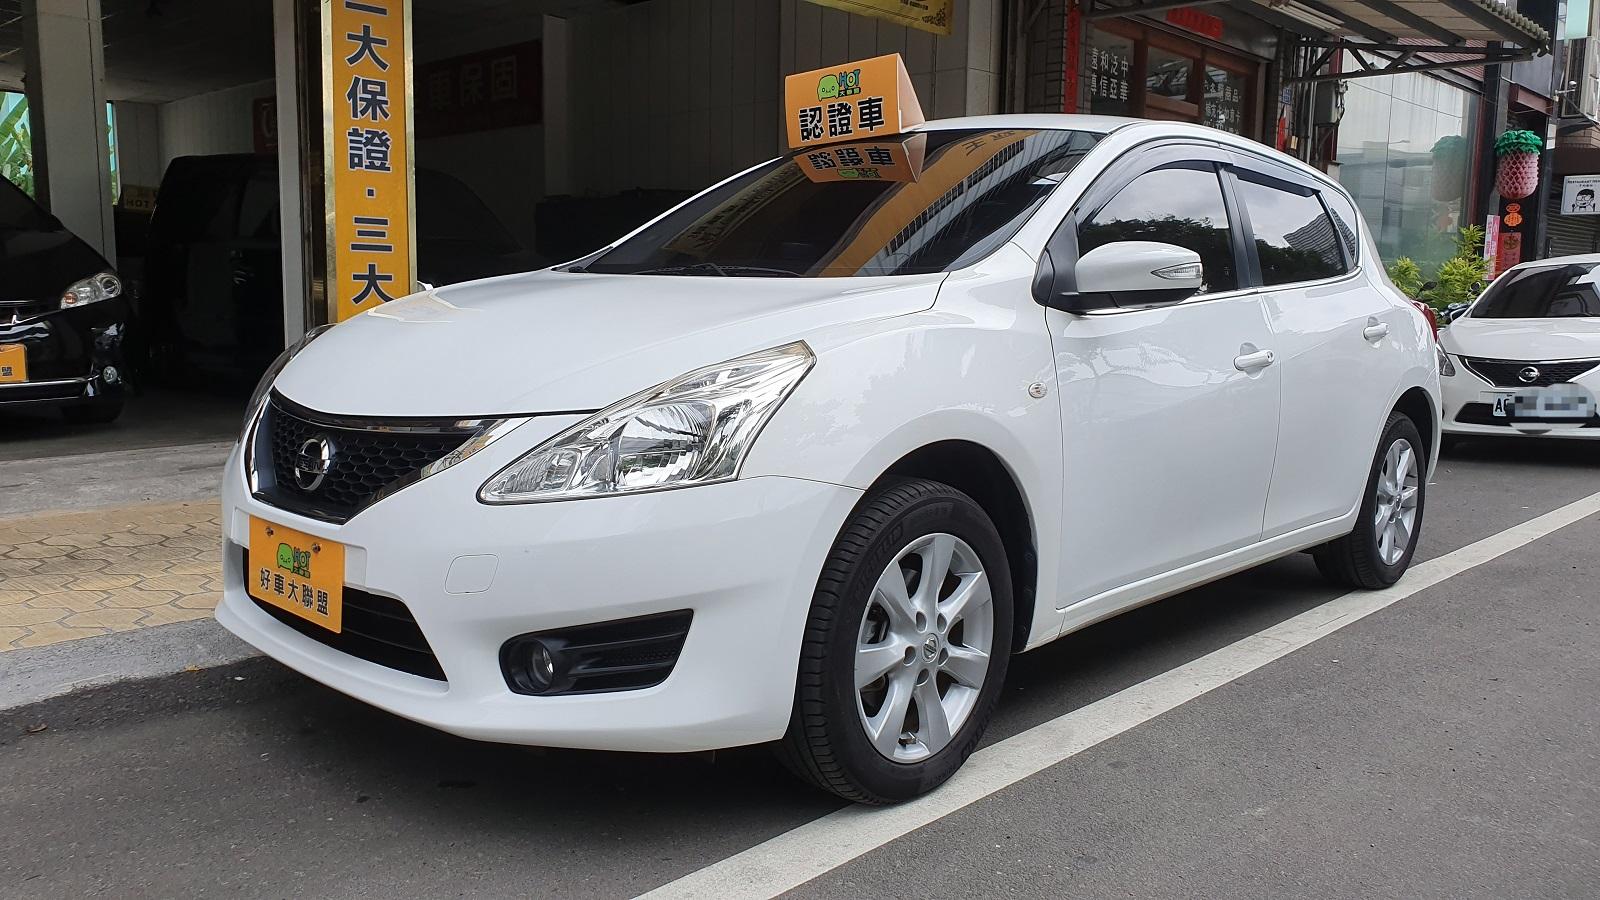 2015 Nissan 日產 Tiida